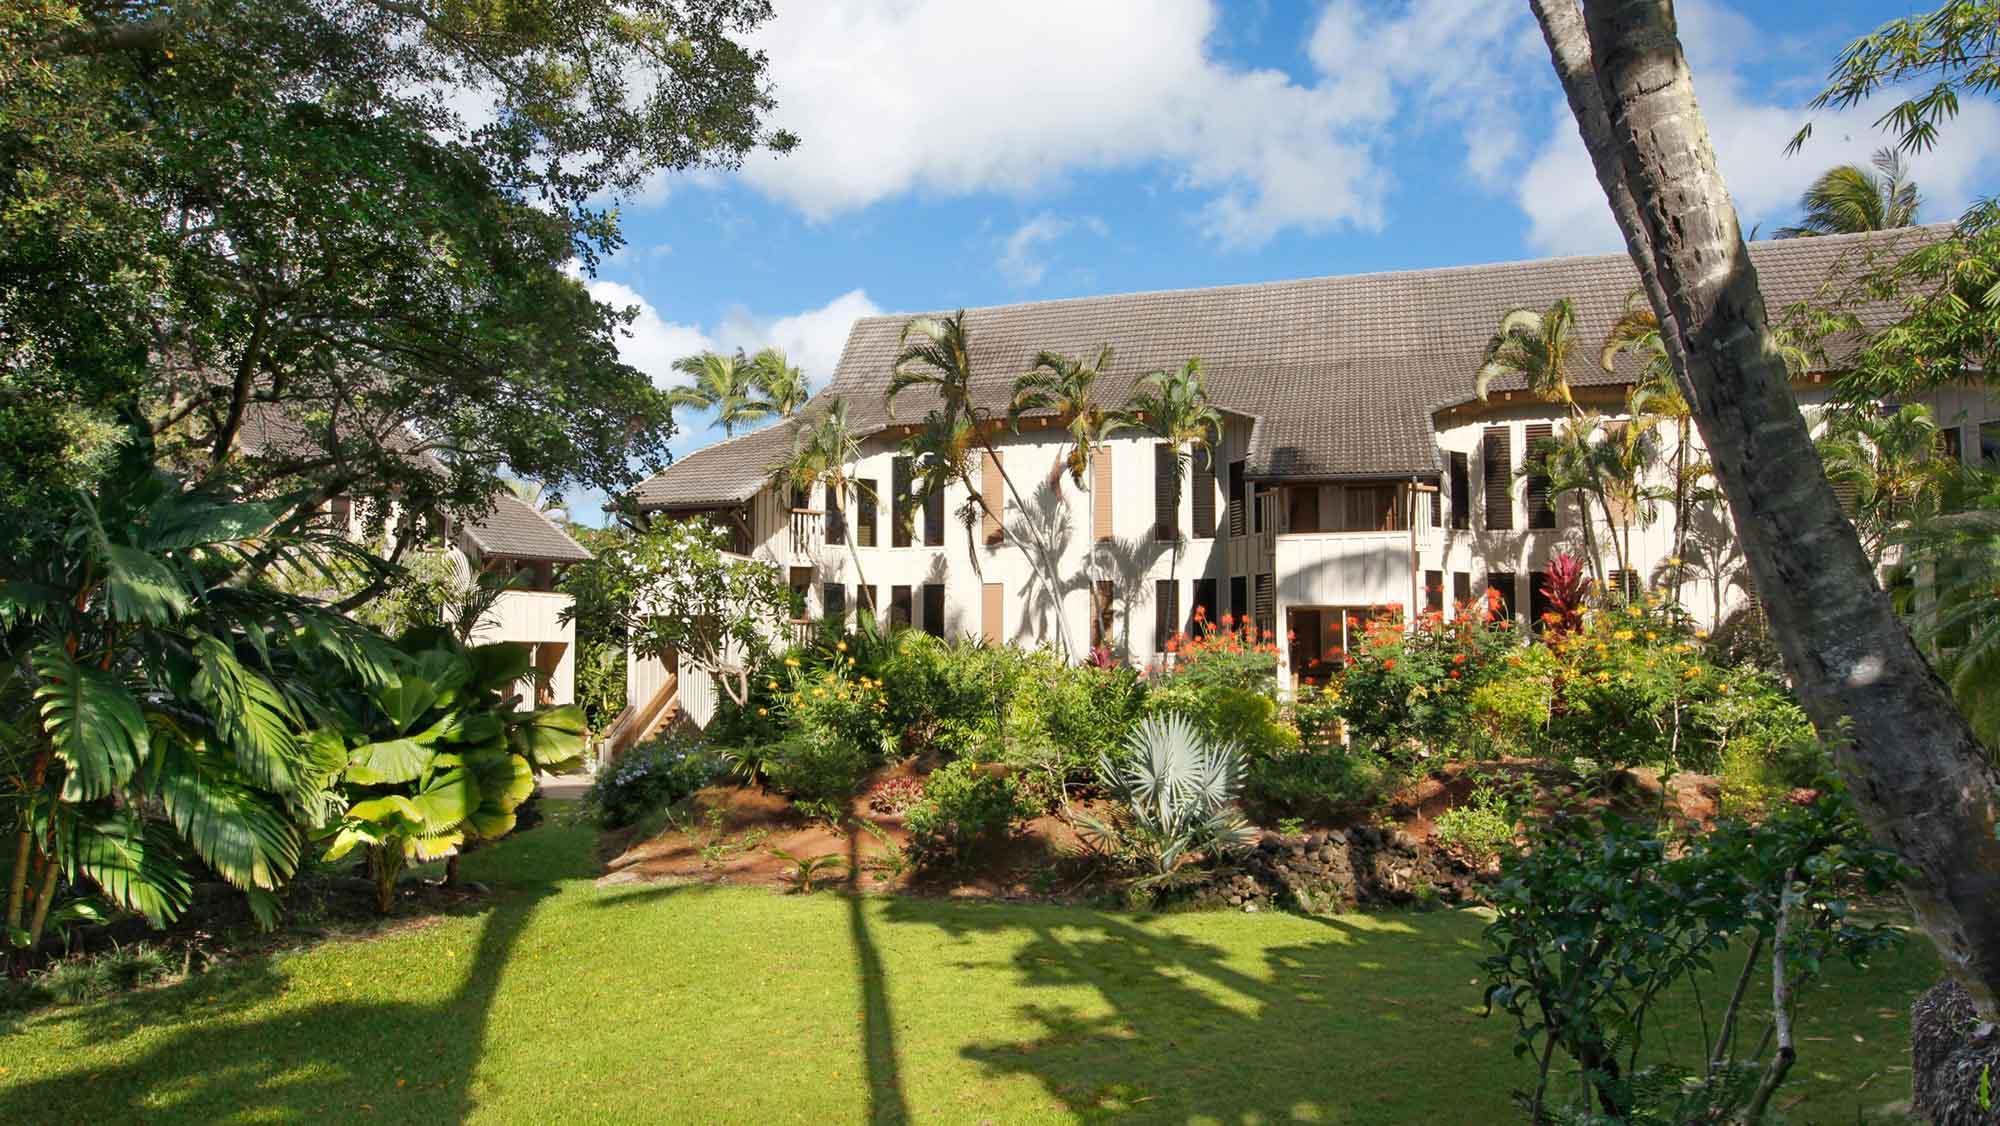 Waikomo Stream Villas 6 - Parrish Kauai